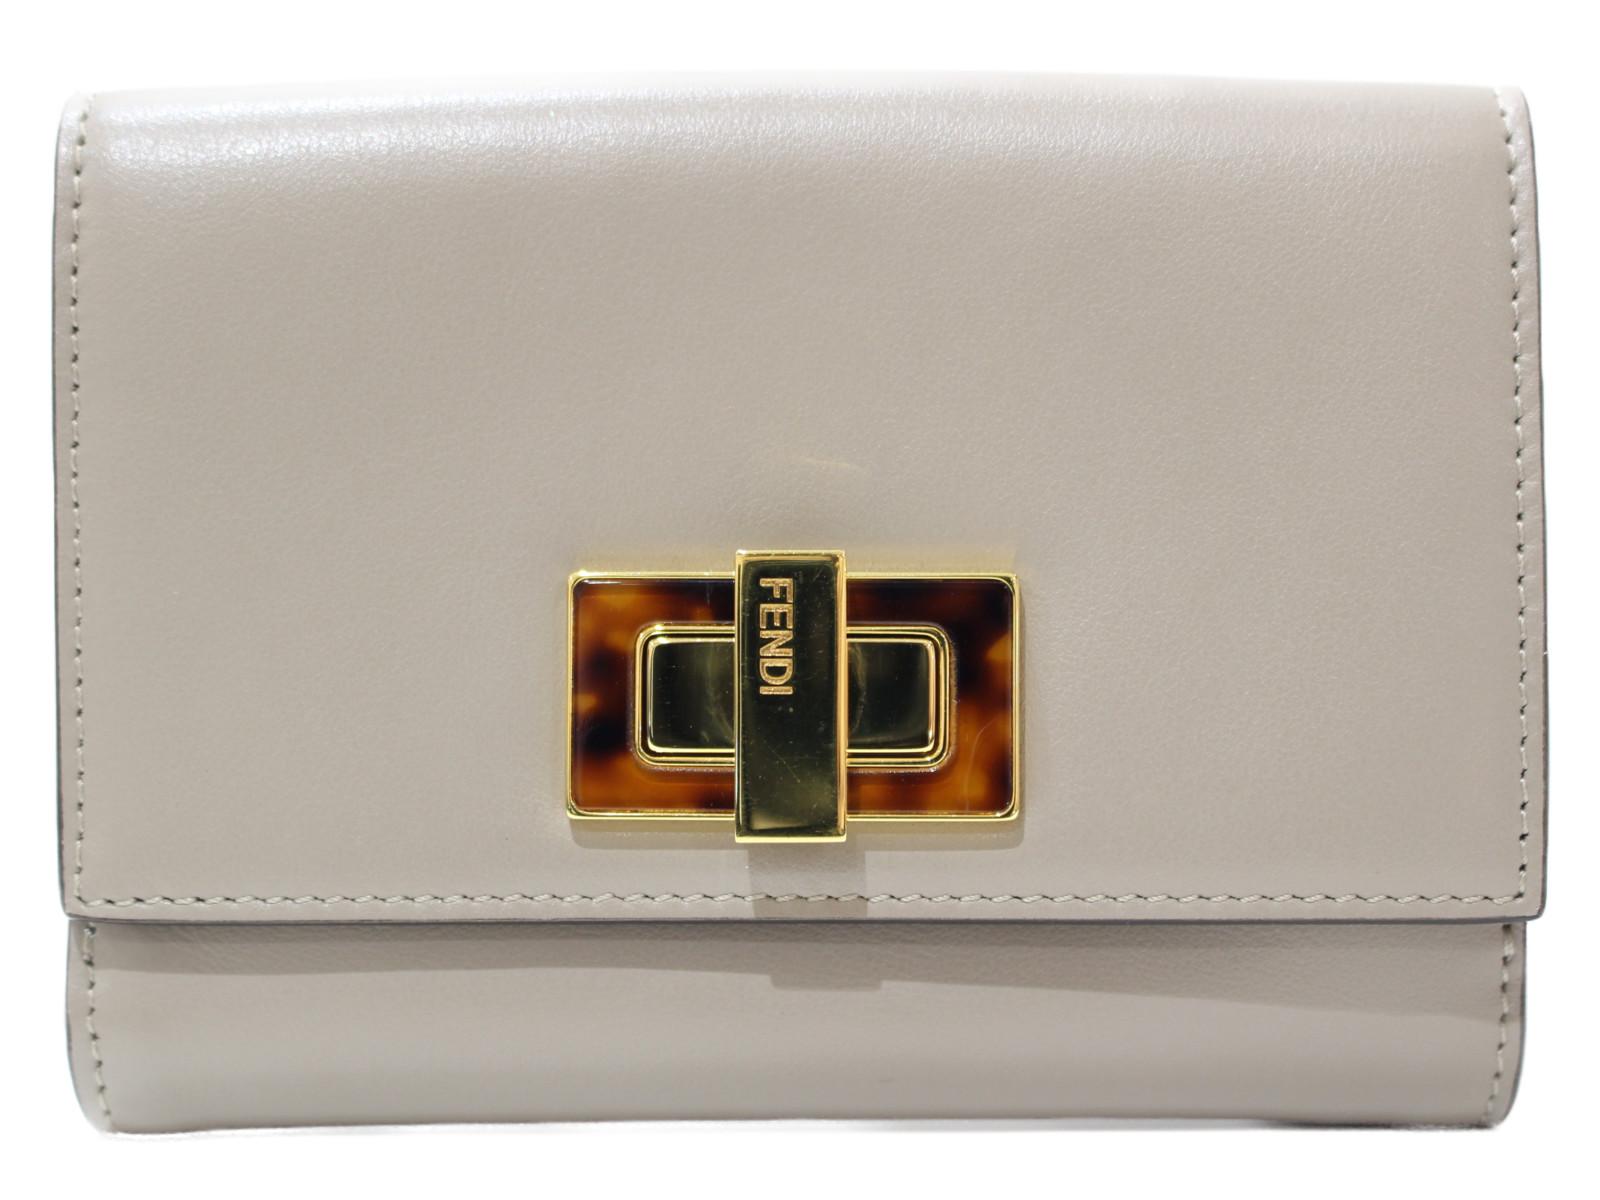 【箱あり】FENDI 二つ折り財布 8M0359 レザー グレージュ レディース 折り財布 ウォレット シンプル プレゼント包装可 【中古】